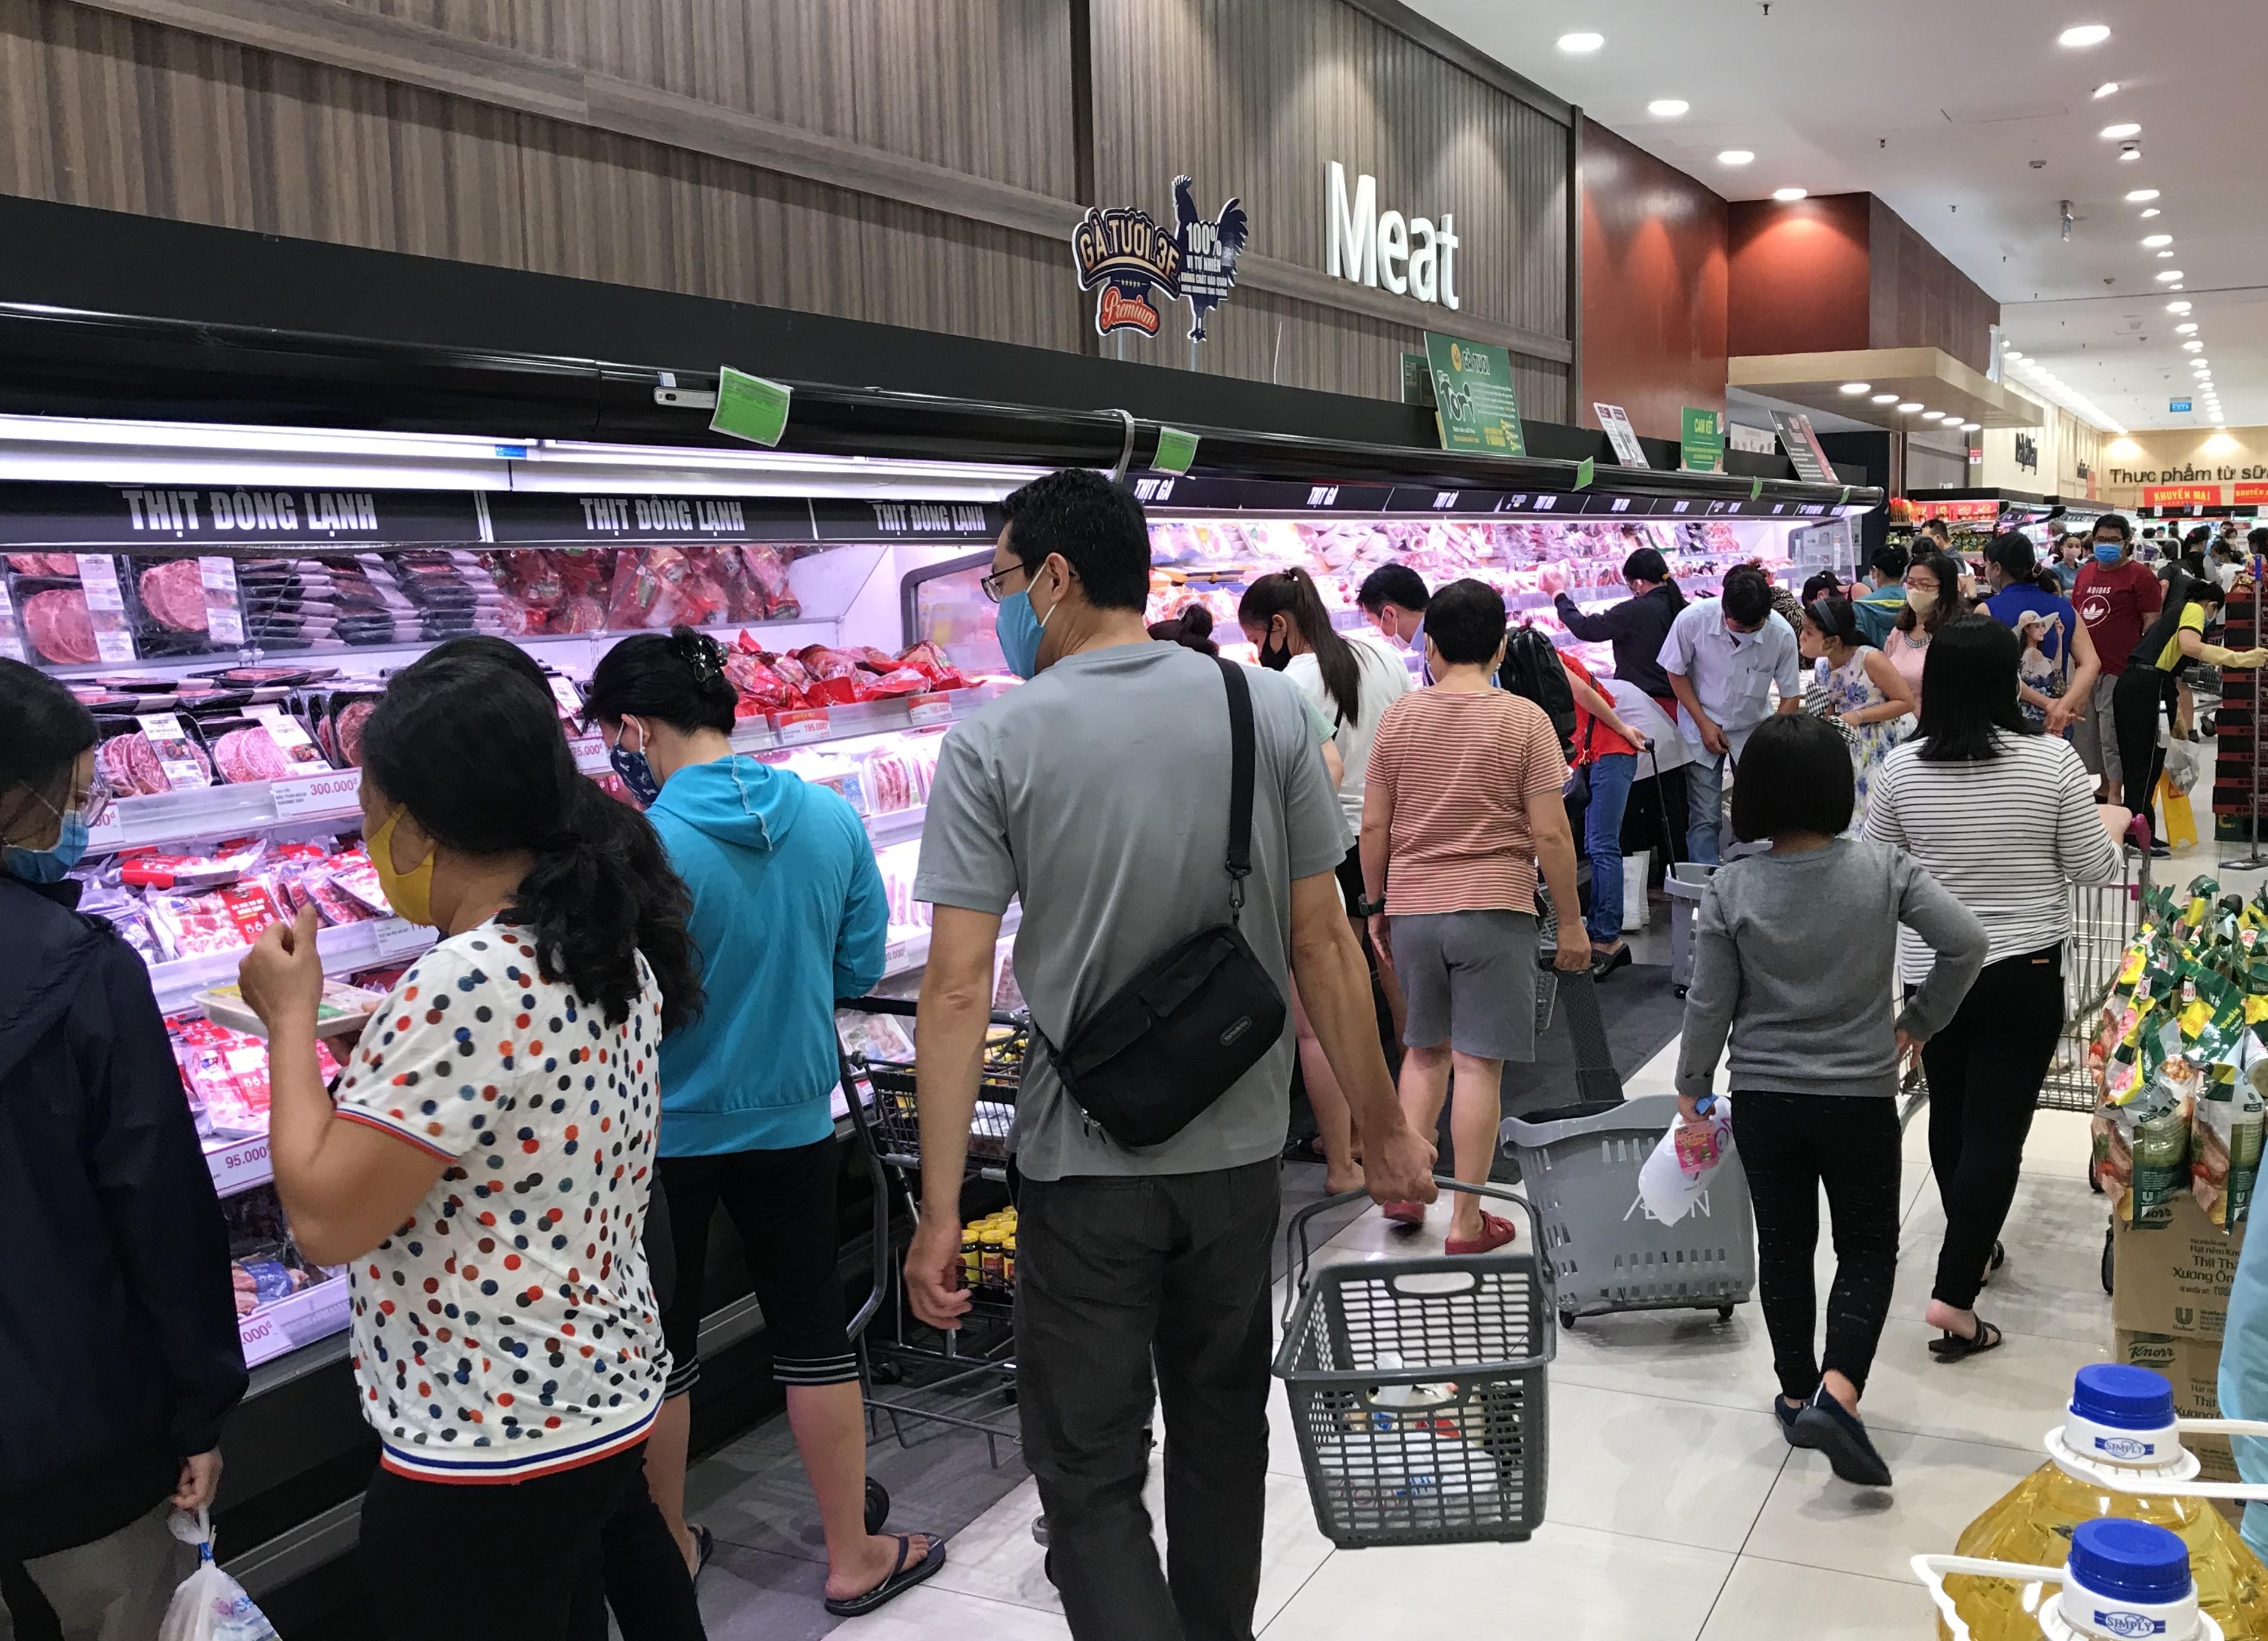 Siêu thị đông đúc cuối tuần, người Sài Gòn mua thịt heo, hải sản giảm giá đến 20.000-60.000 đồng/kg ăn lễ - Ảnh 2.